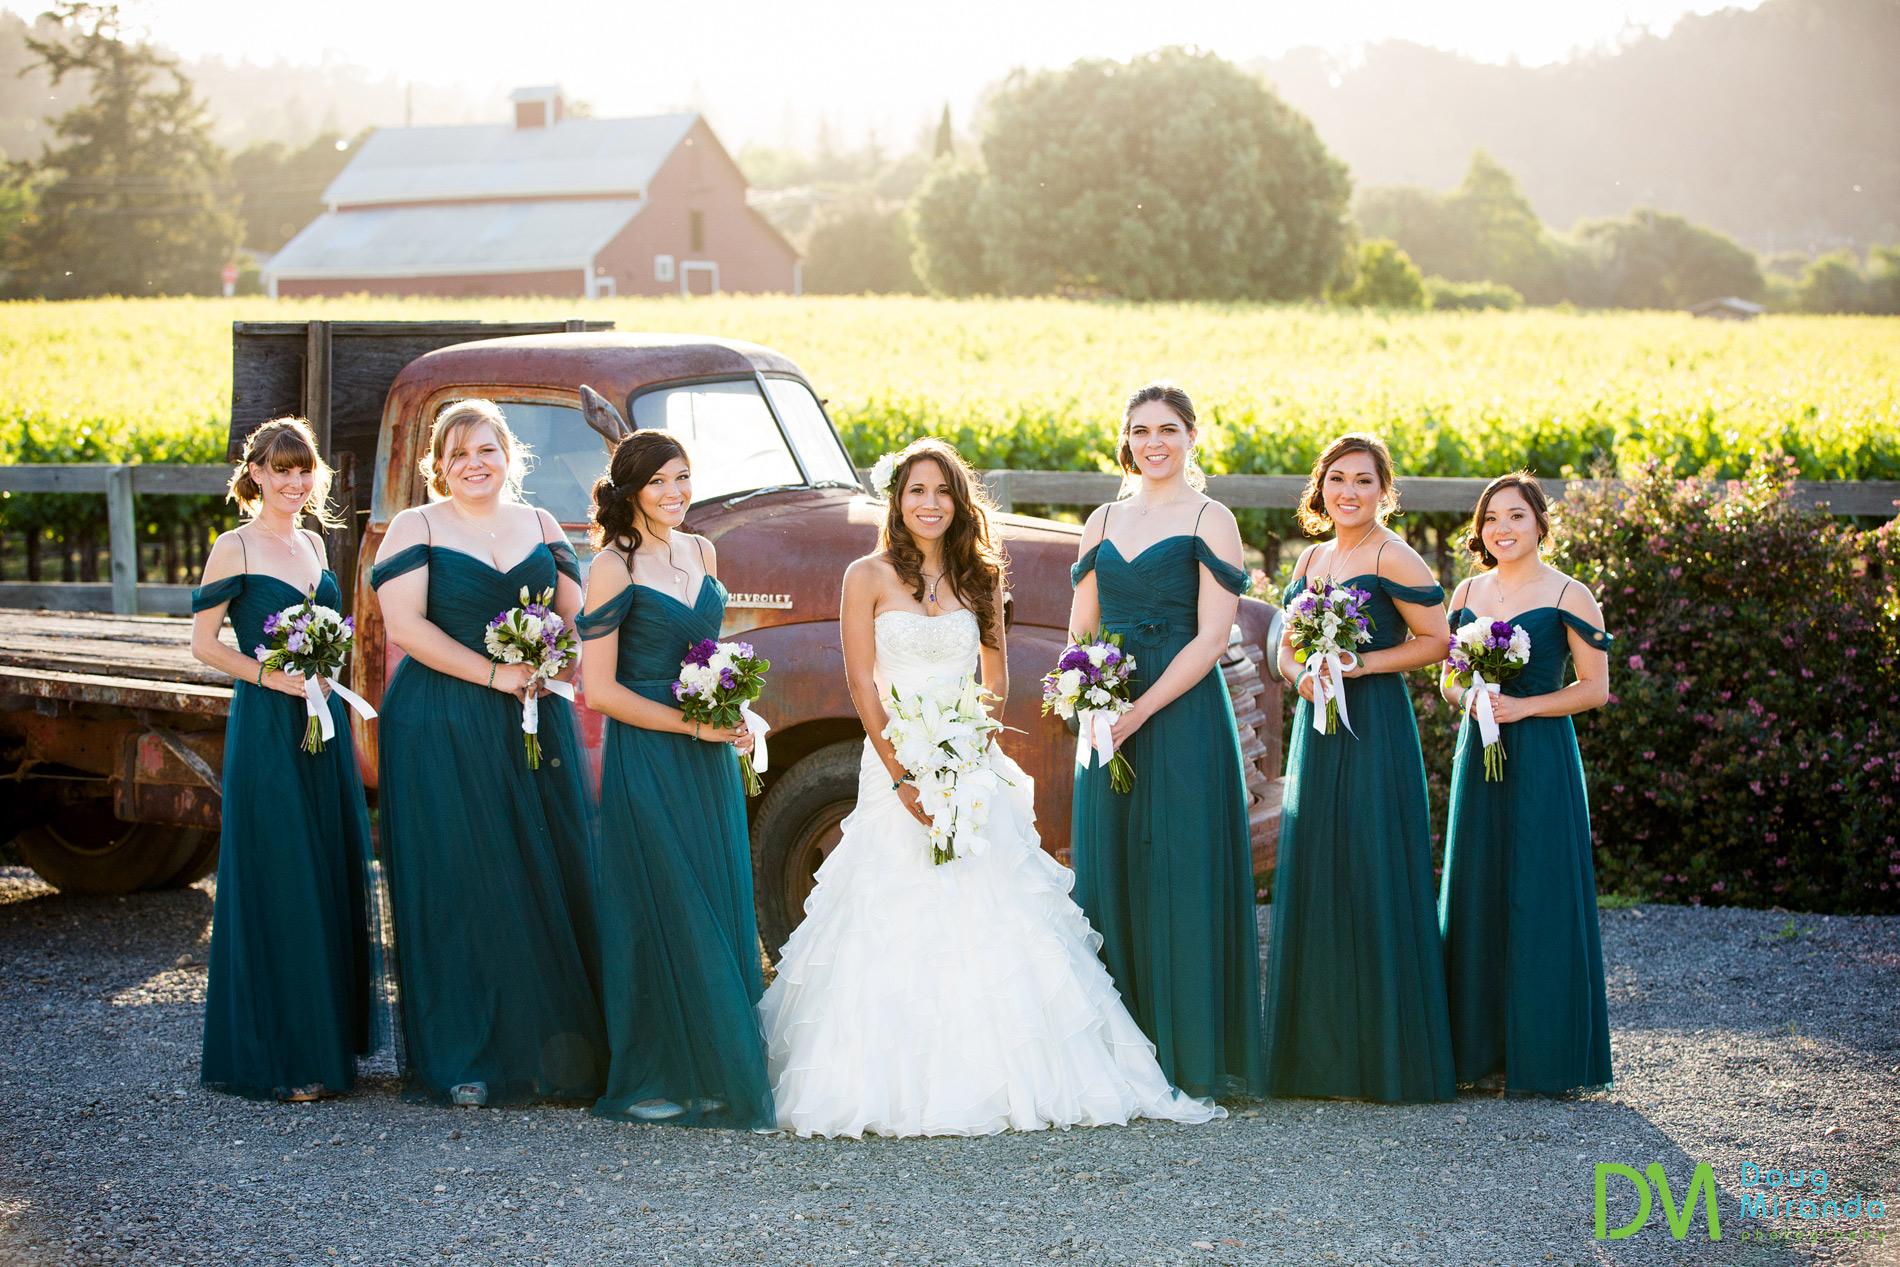 geyserville wedding photography